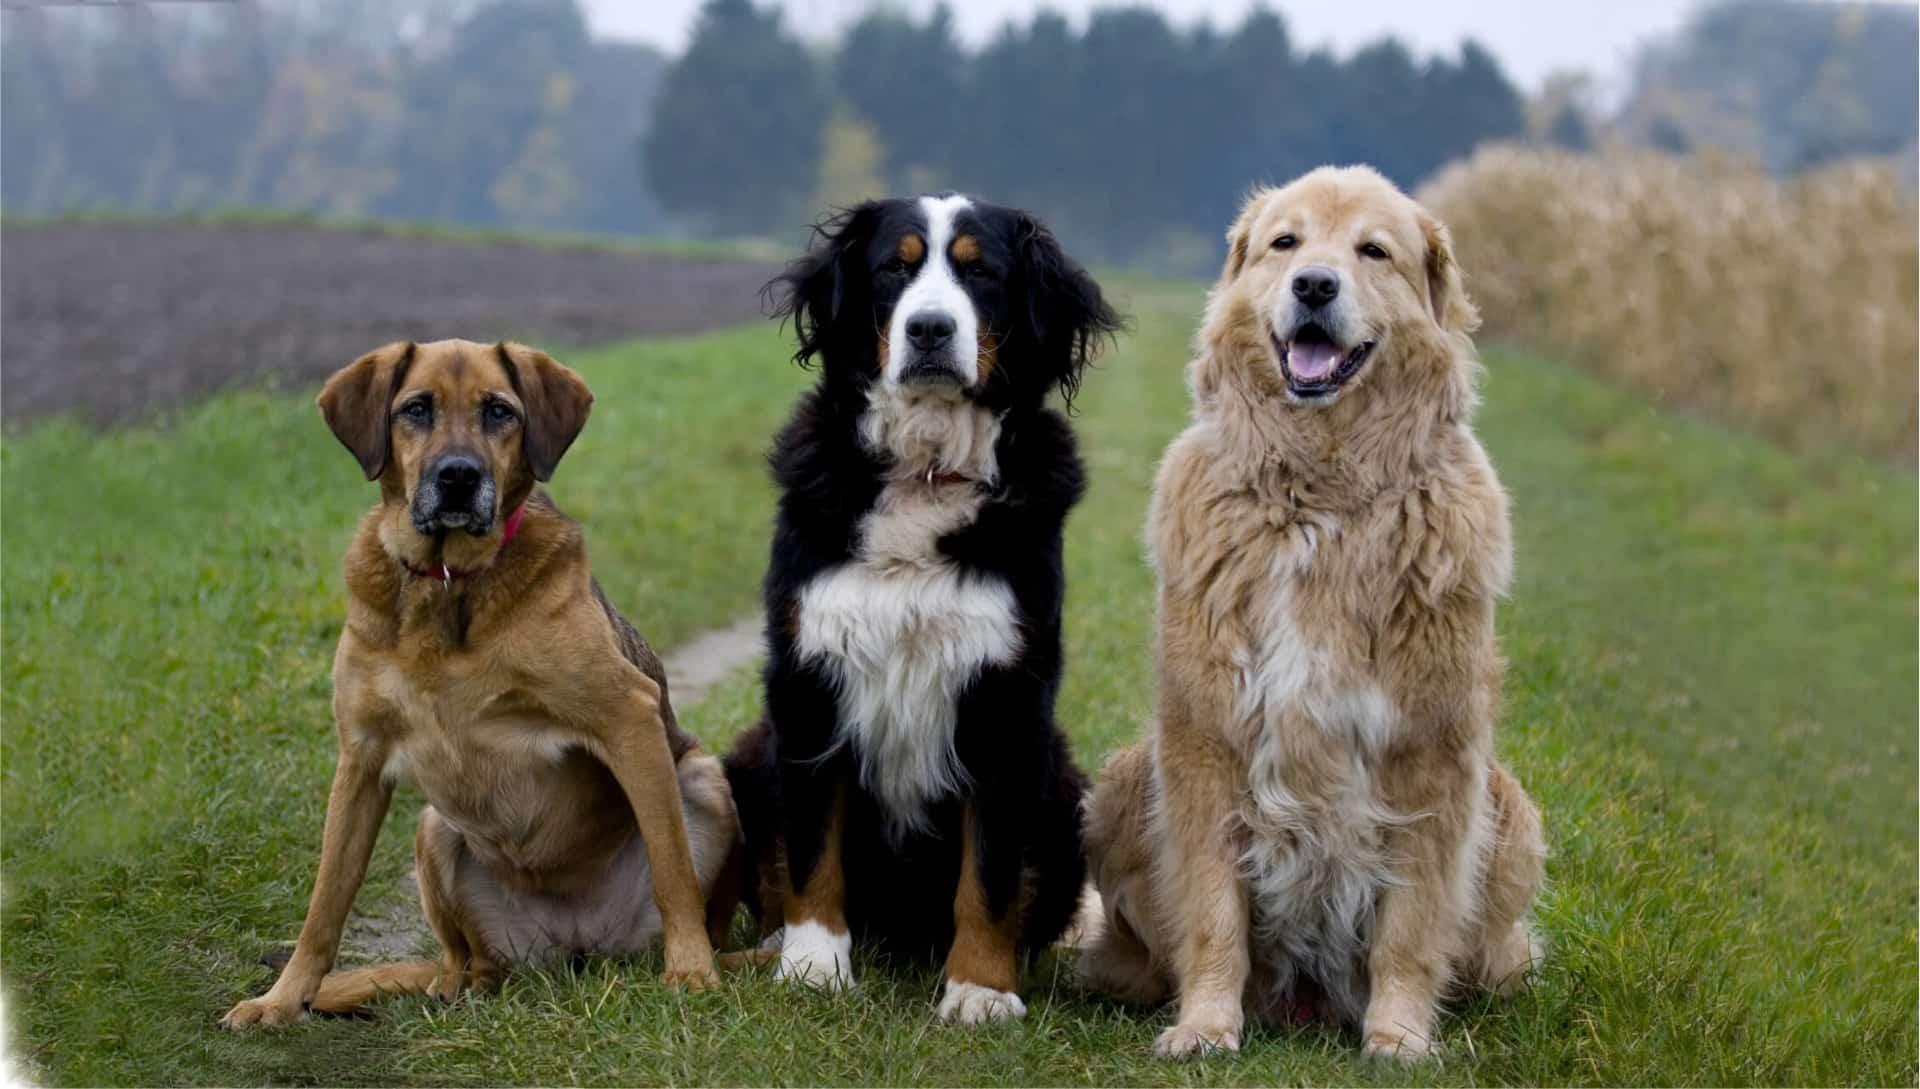 reinfleischdosen hund barfdose